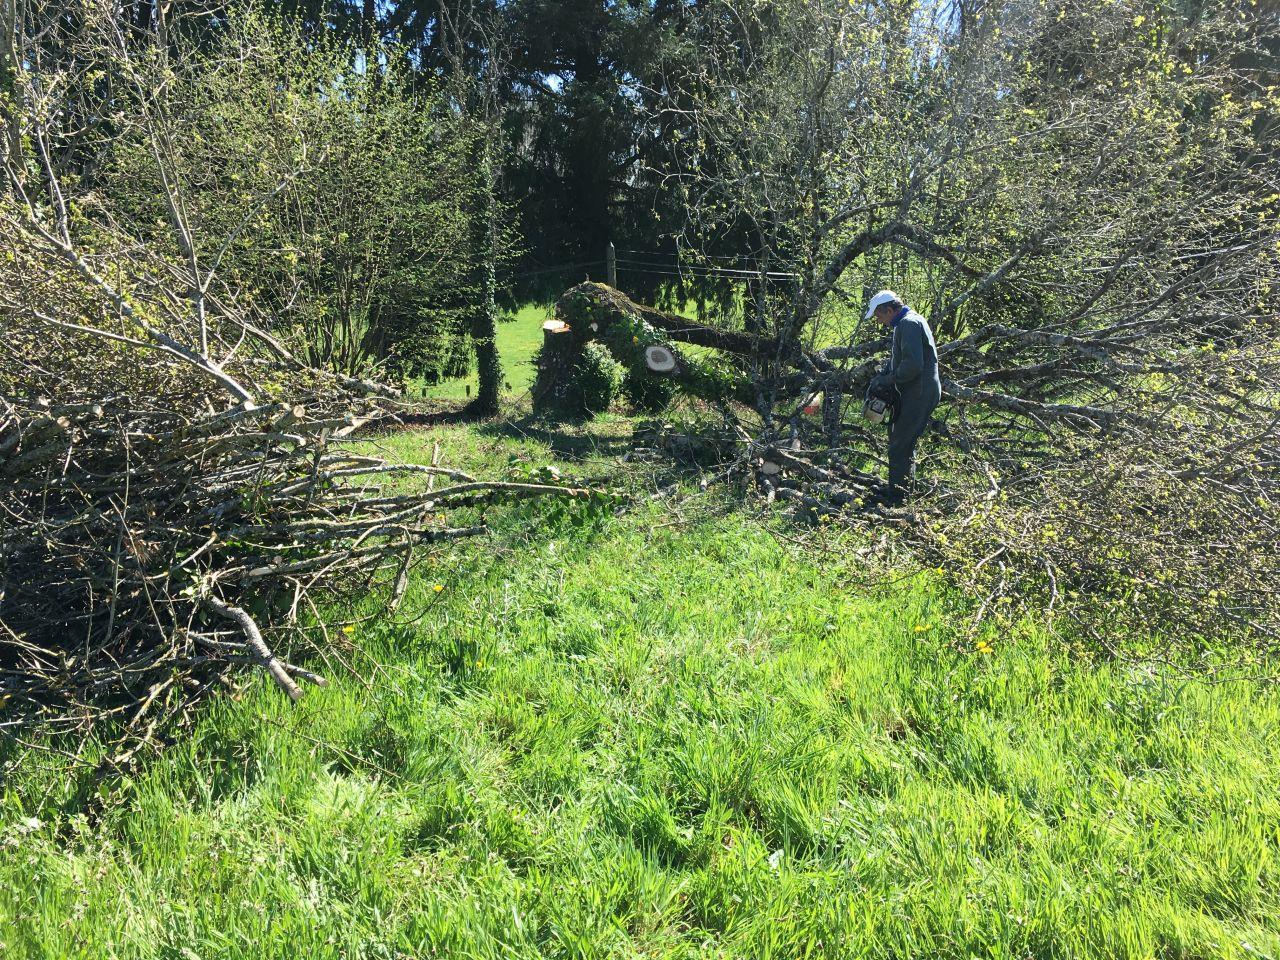 Tronçonnage des arbres